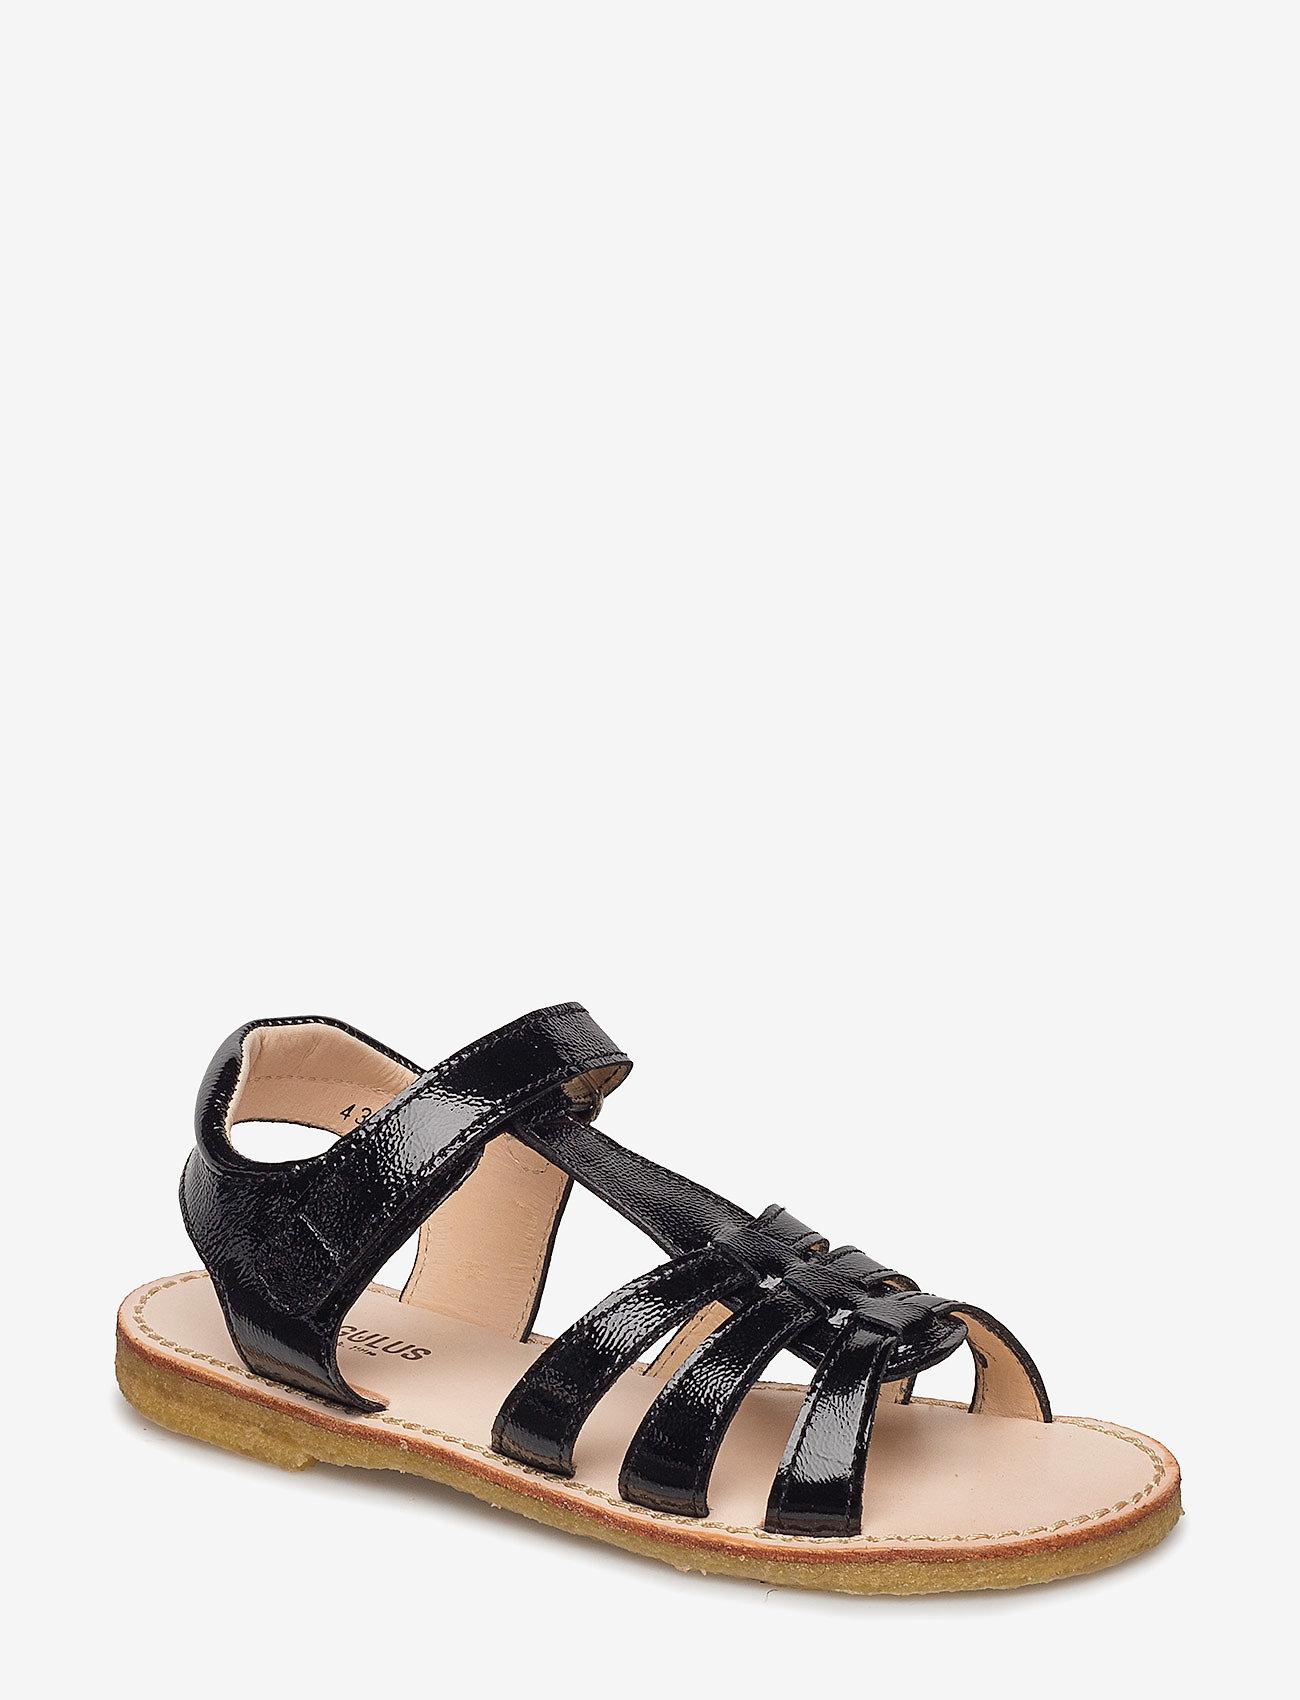 ANGULUS - 4384 - sandaalit - 1310 black - 0